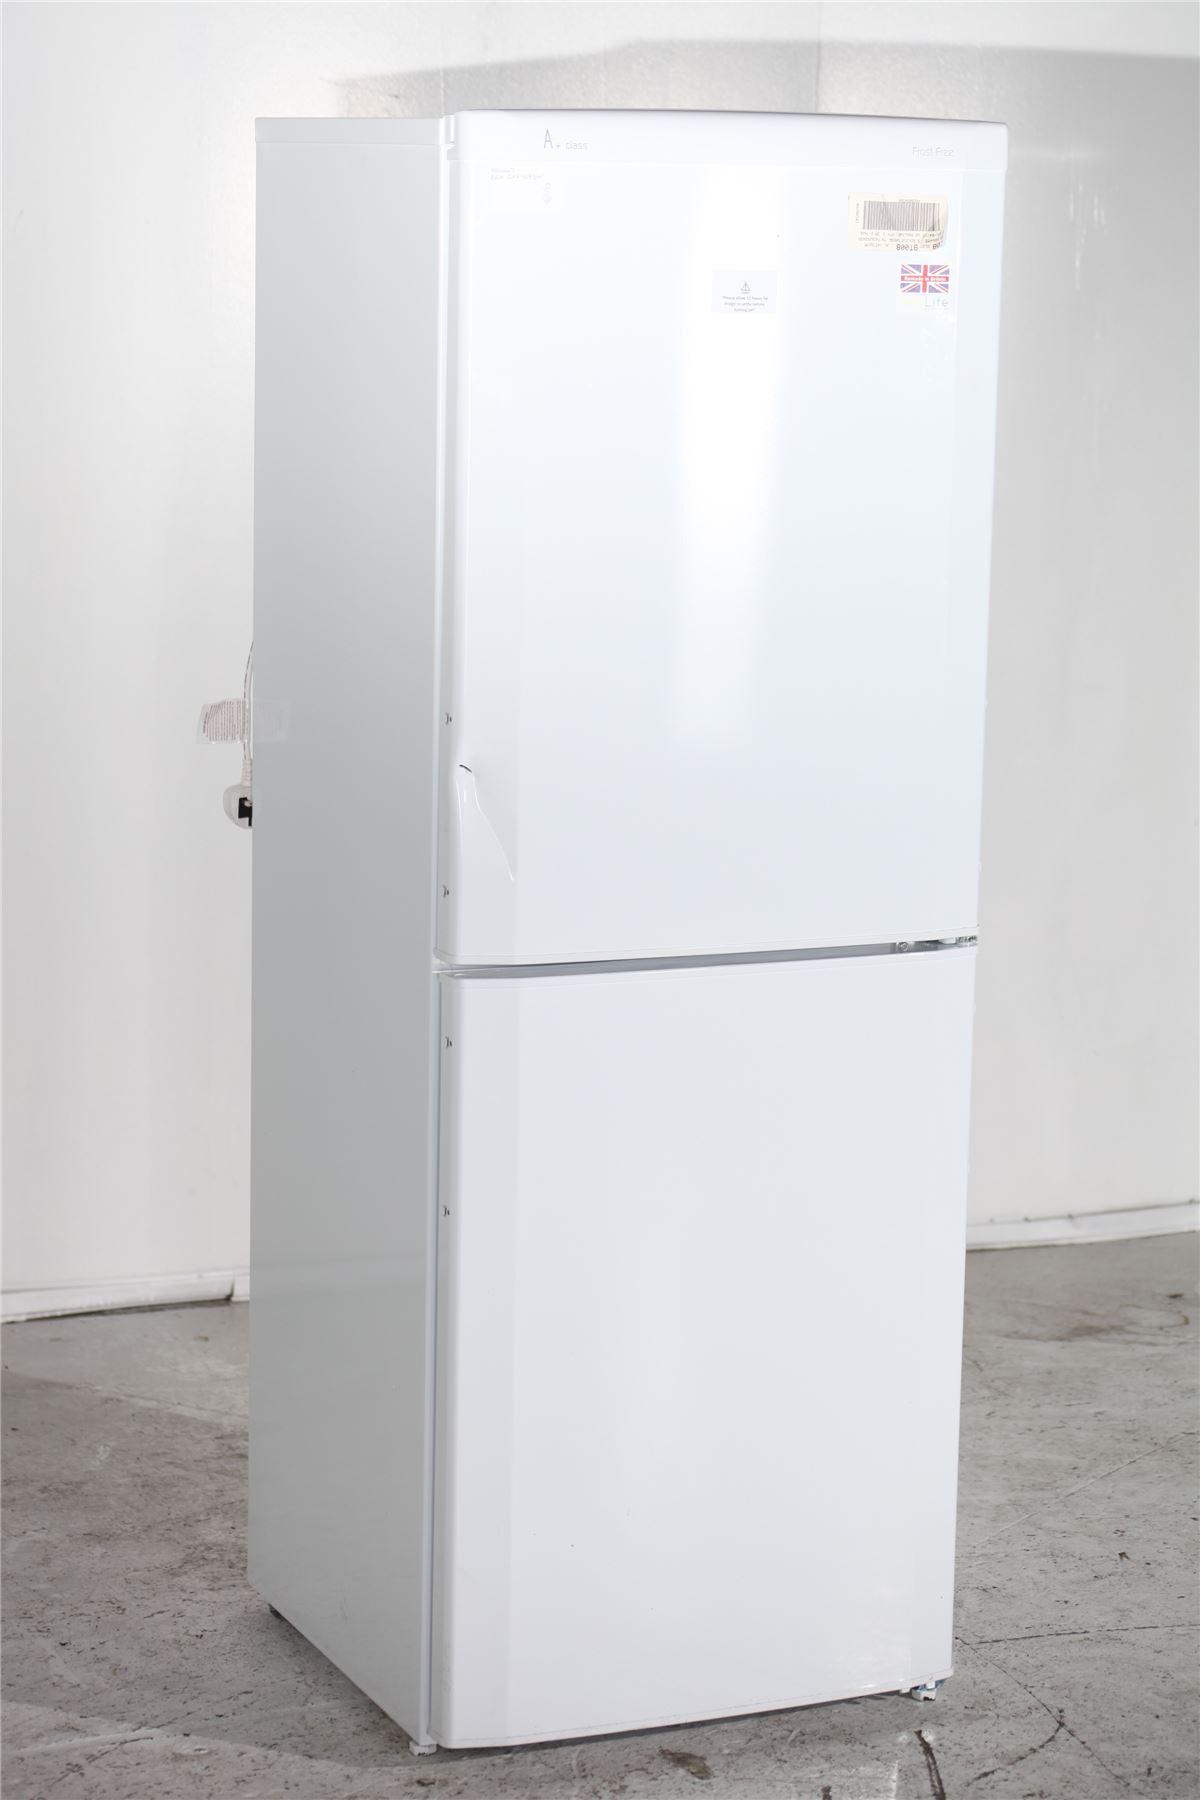 preloved beko fridge freezer cxf5083w silver for. Black Bedroom Furniture Sets. Home Design Ideas